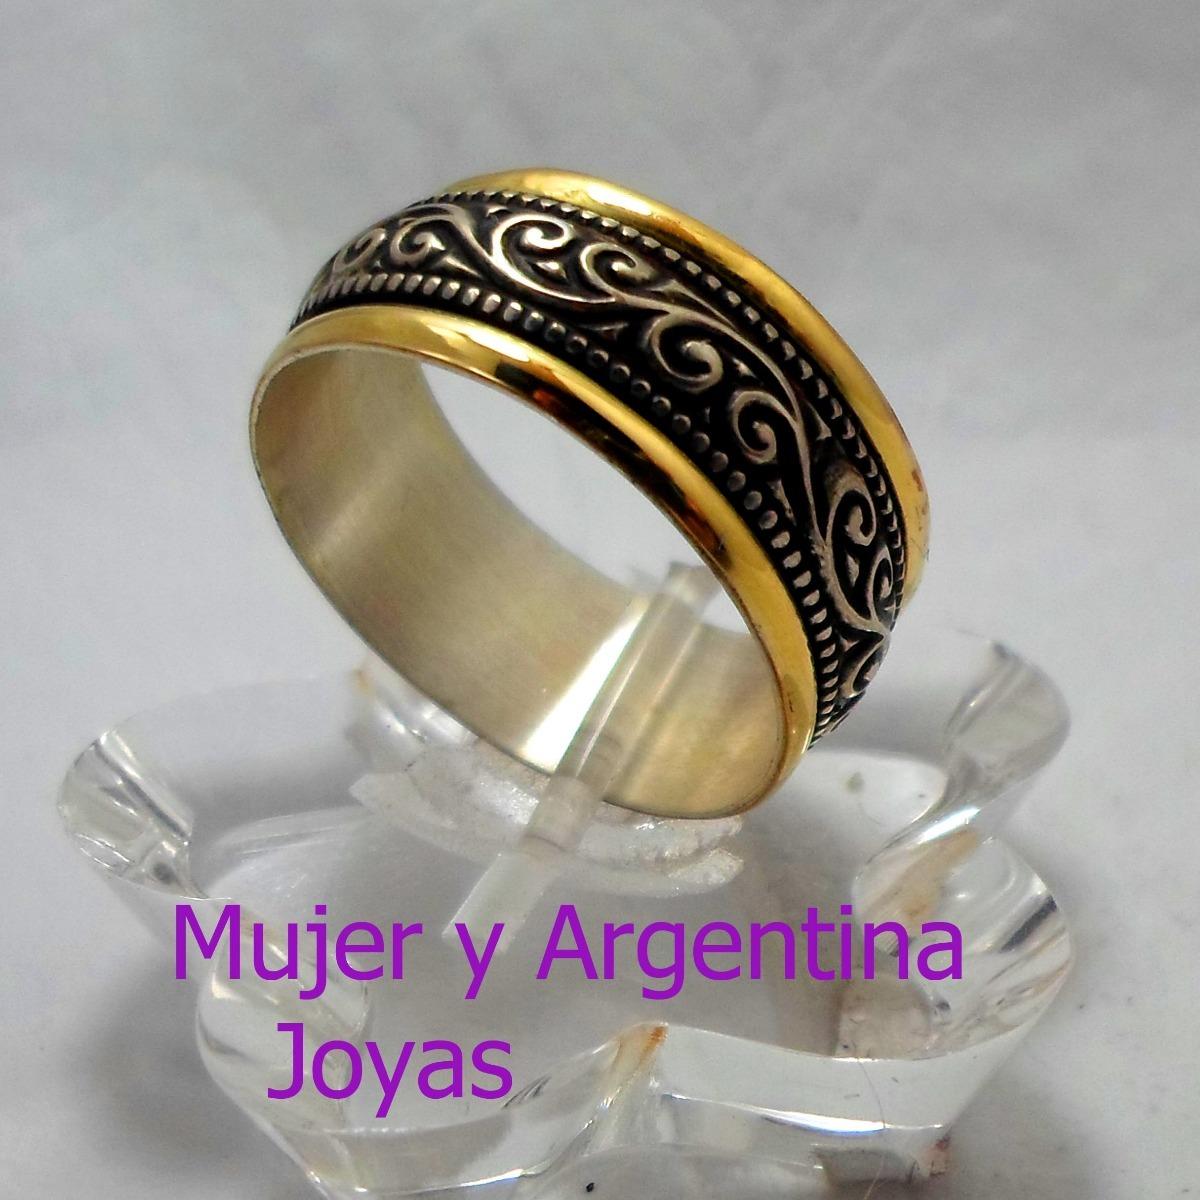 48046f7220f5 anillo plata con oro18 kts con guarda alianza nro 26 unisex. Cargando zoom.